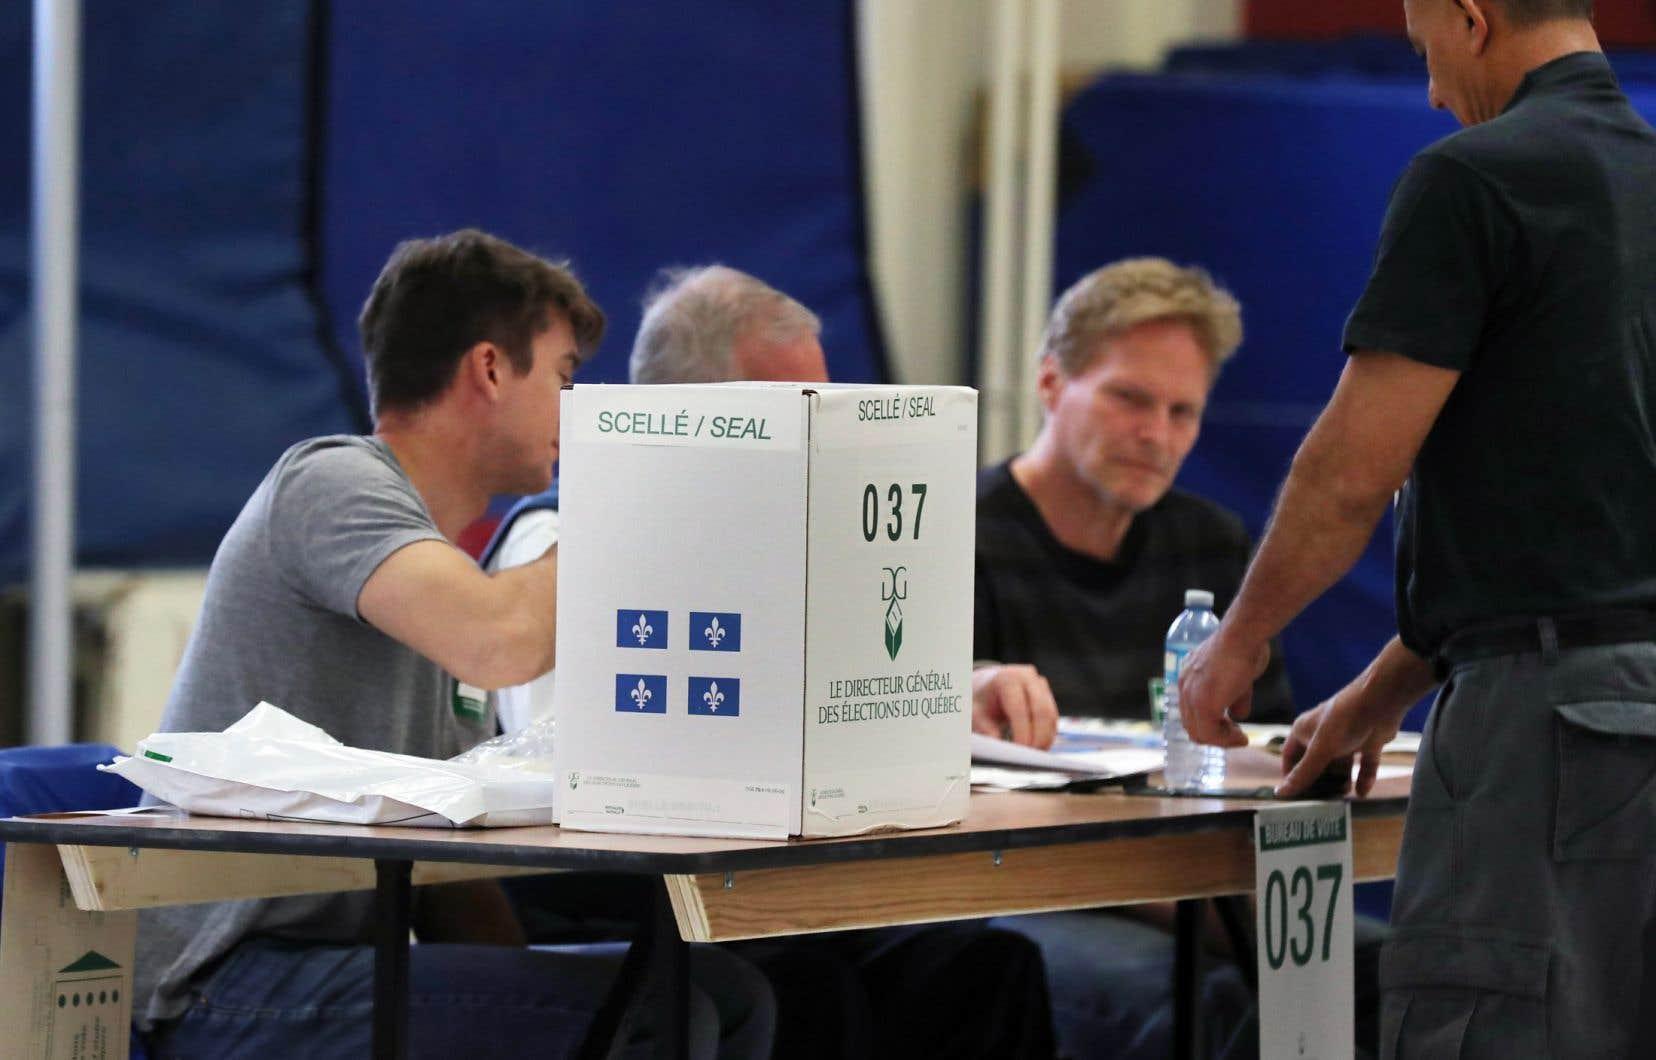 Les trois partis politiques d'opposition à l'Assemblée nationale ainsi que le Parti vert ont pris cet engagement et d'autres lors d'une réunion sous l'égide du Mouvement Démocratie nouvelle (MDN) à Montréal lundi.